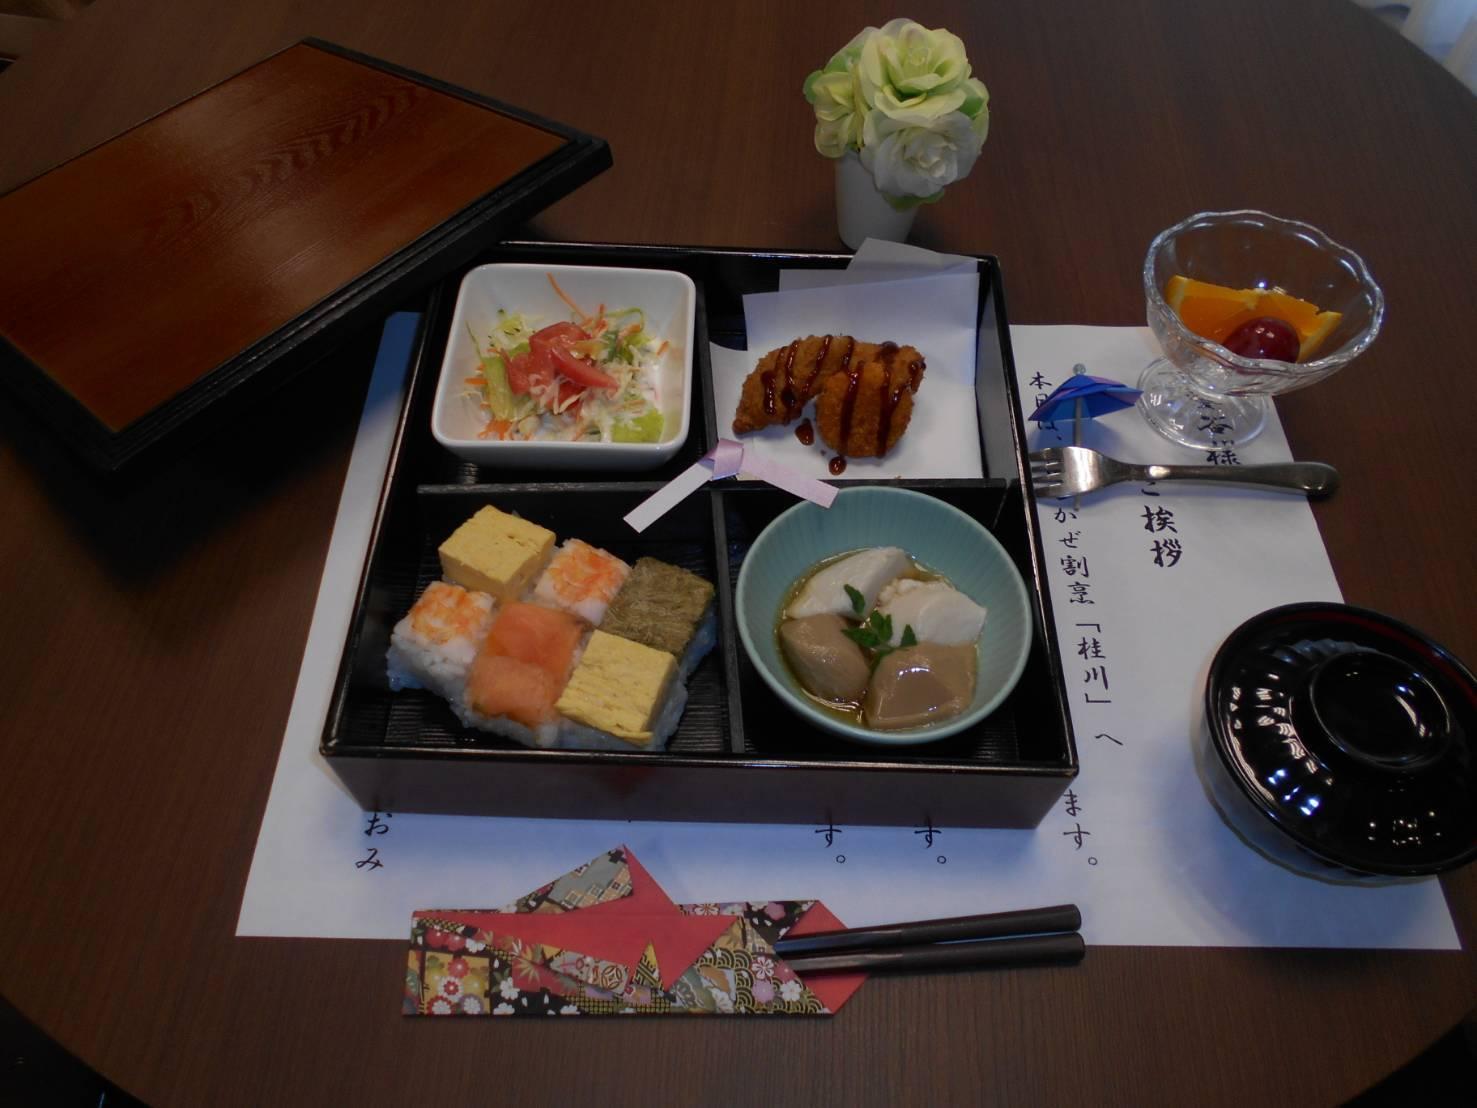 京都生活 ~はるかぜガーデン桂川の食事会~_c0218368_16084633.jpg